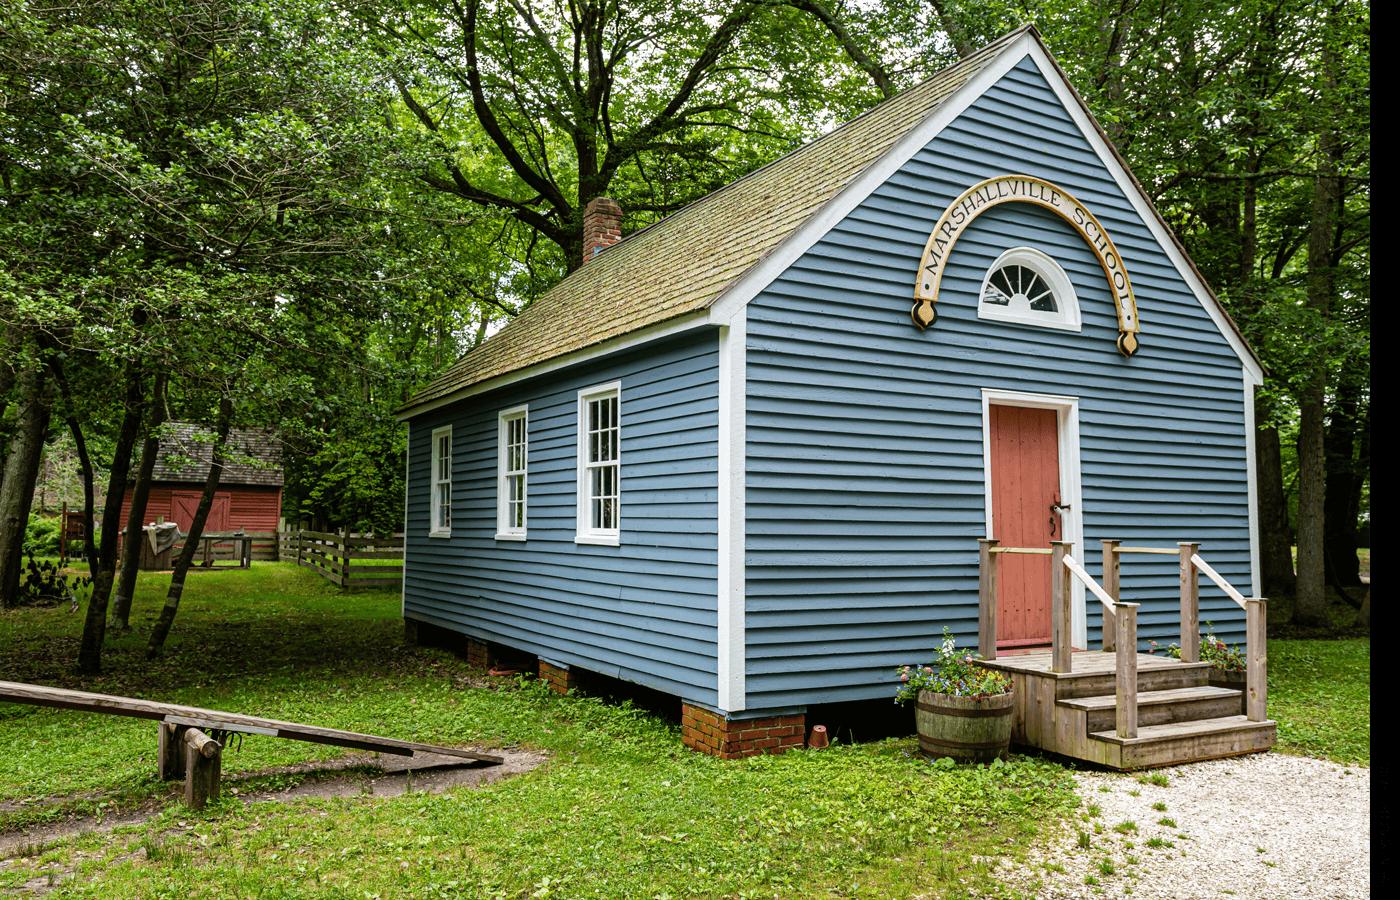 A rural school house